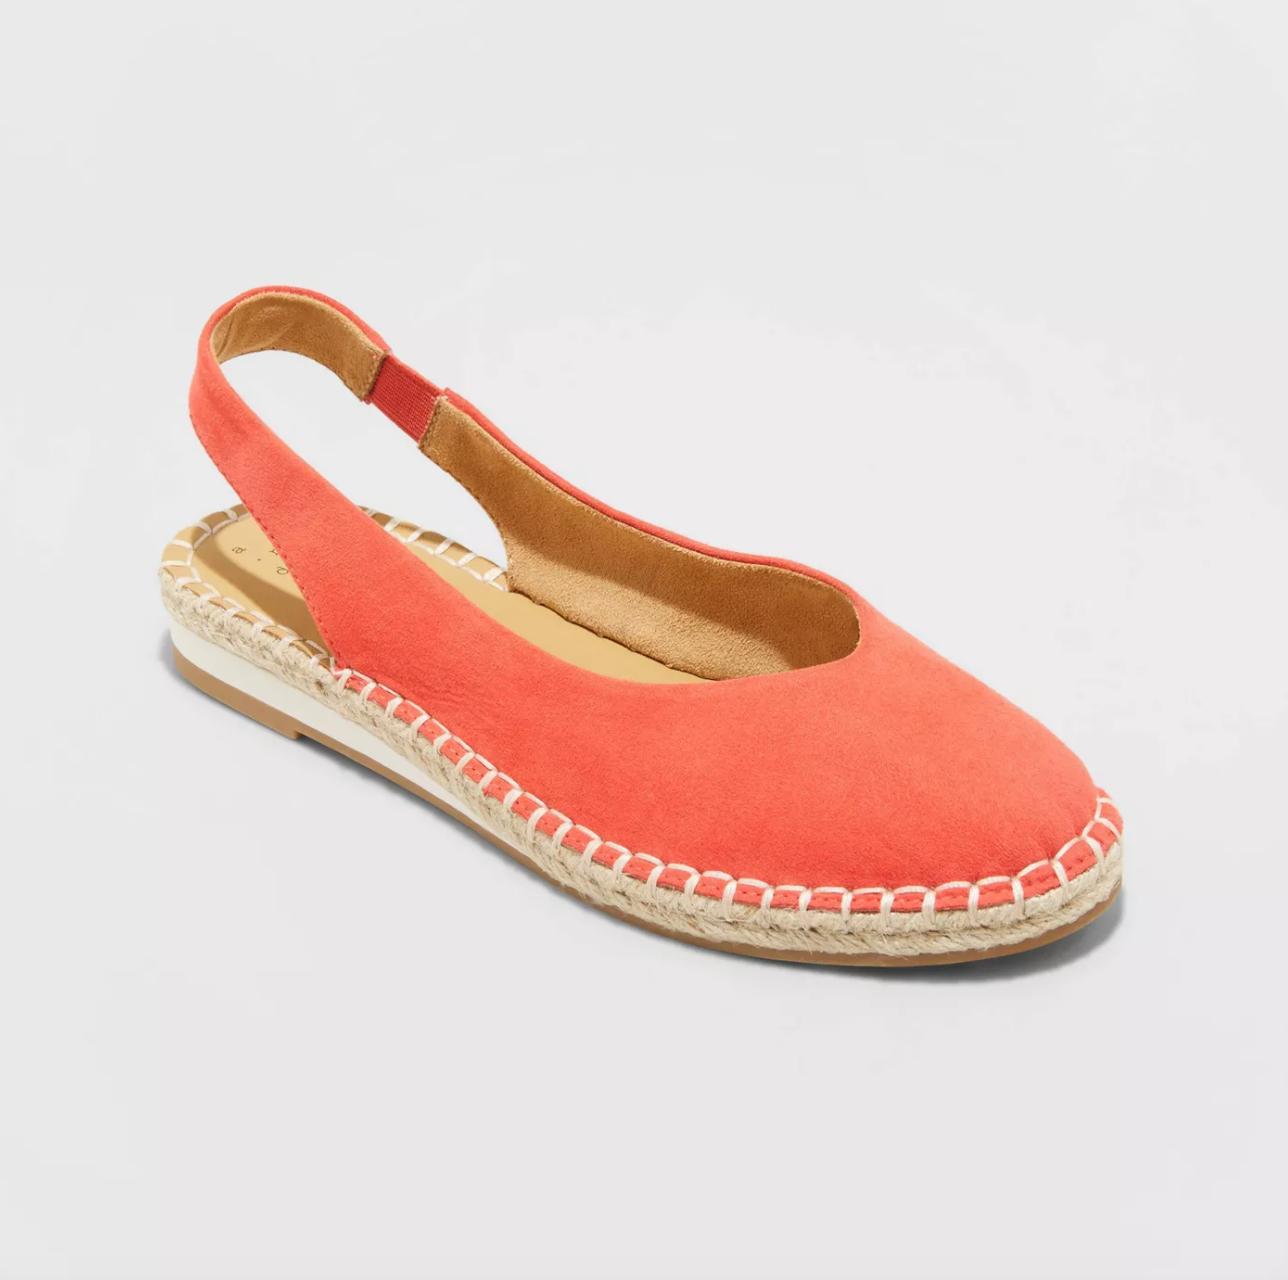 rounded toe sling-back espadrilles in orange